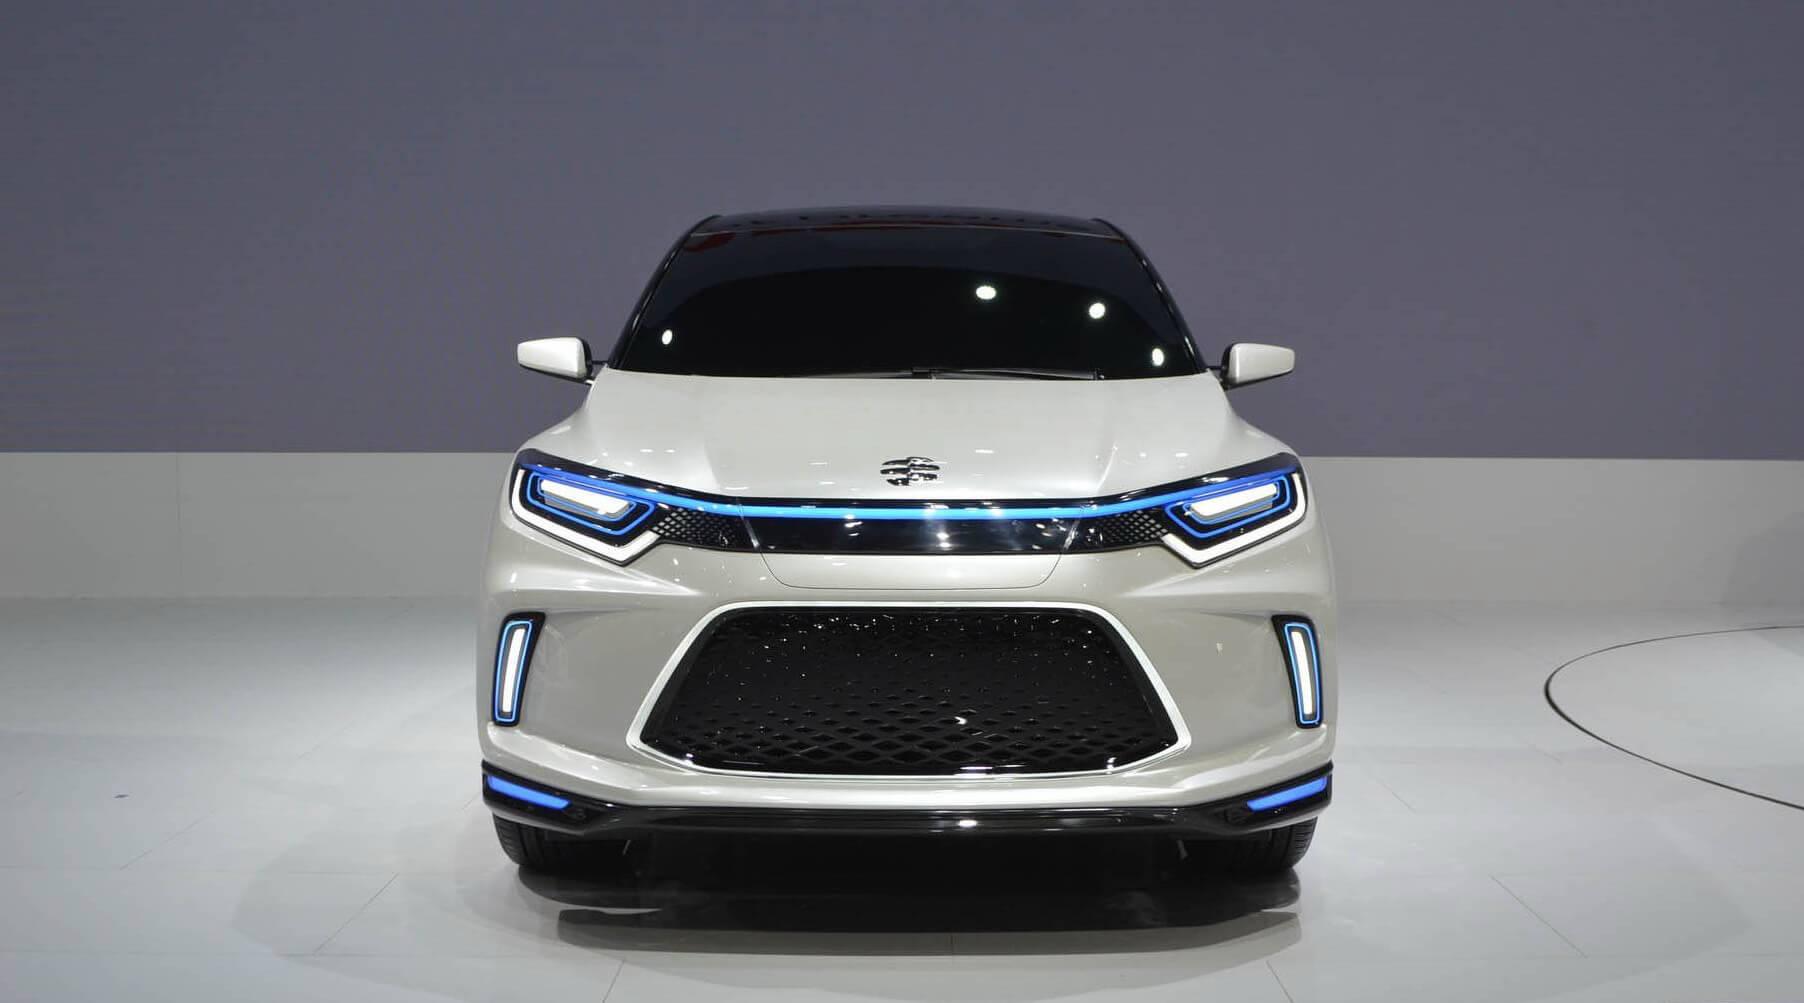 Концептуальный электромобиль Everus EV Concept